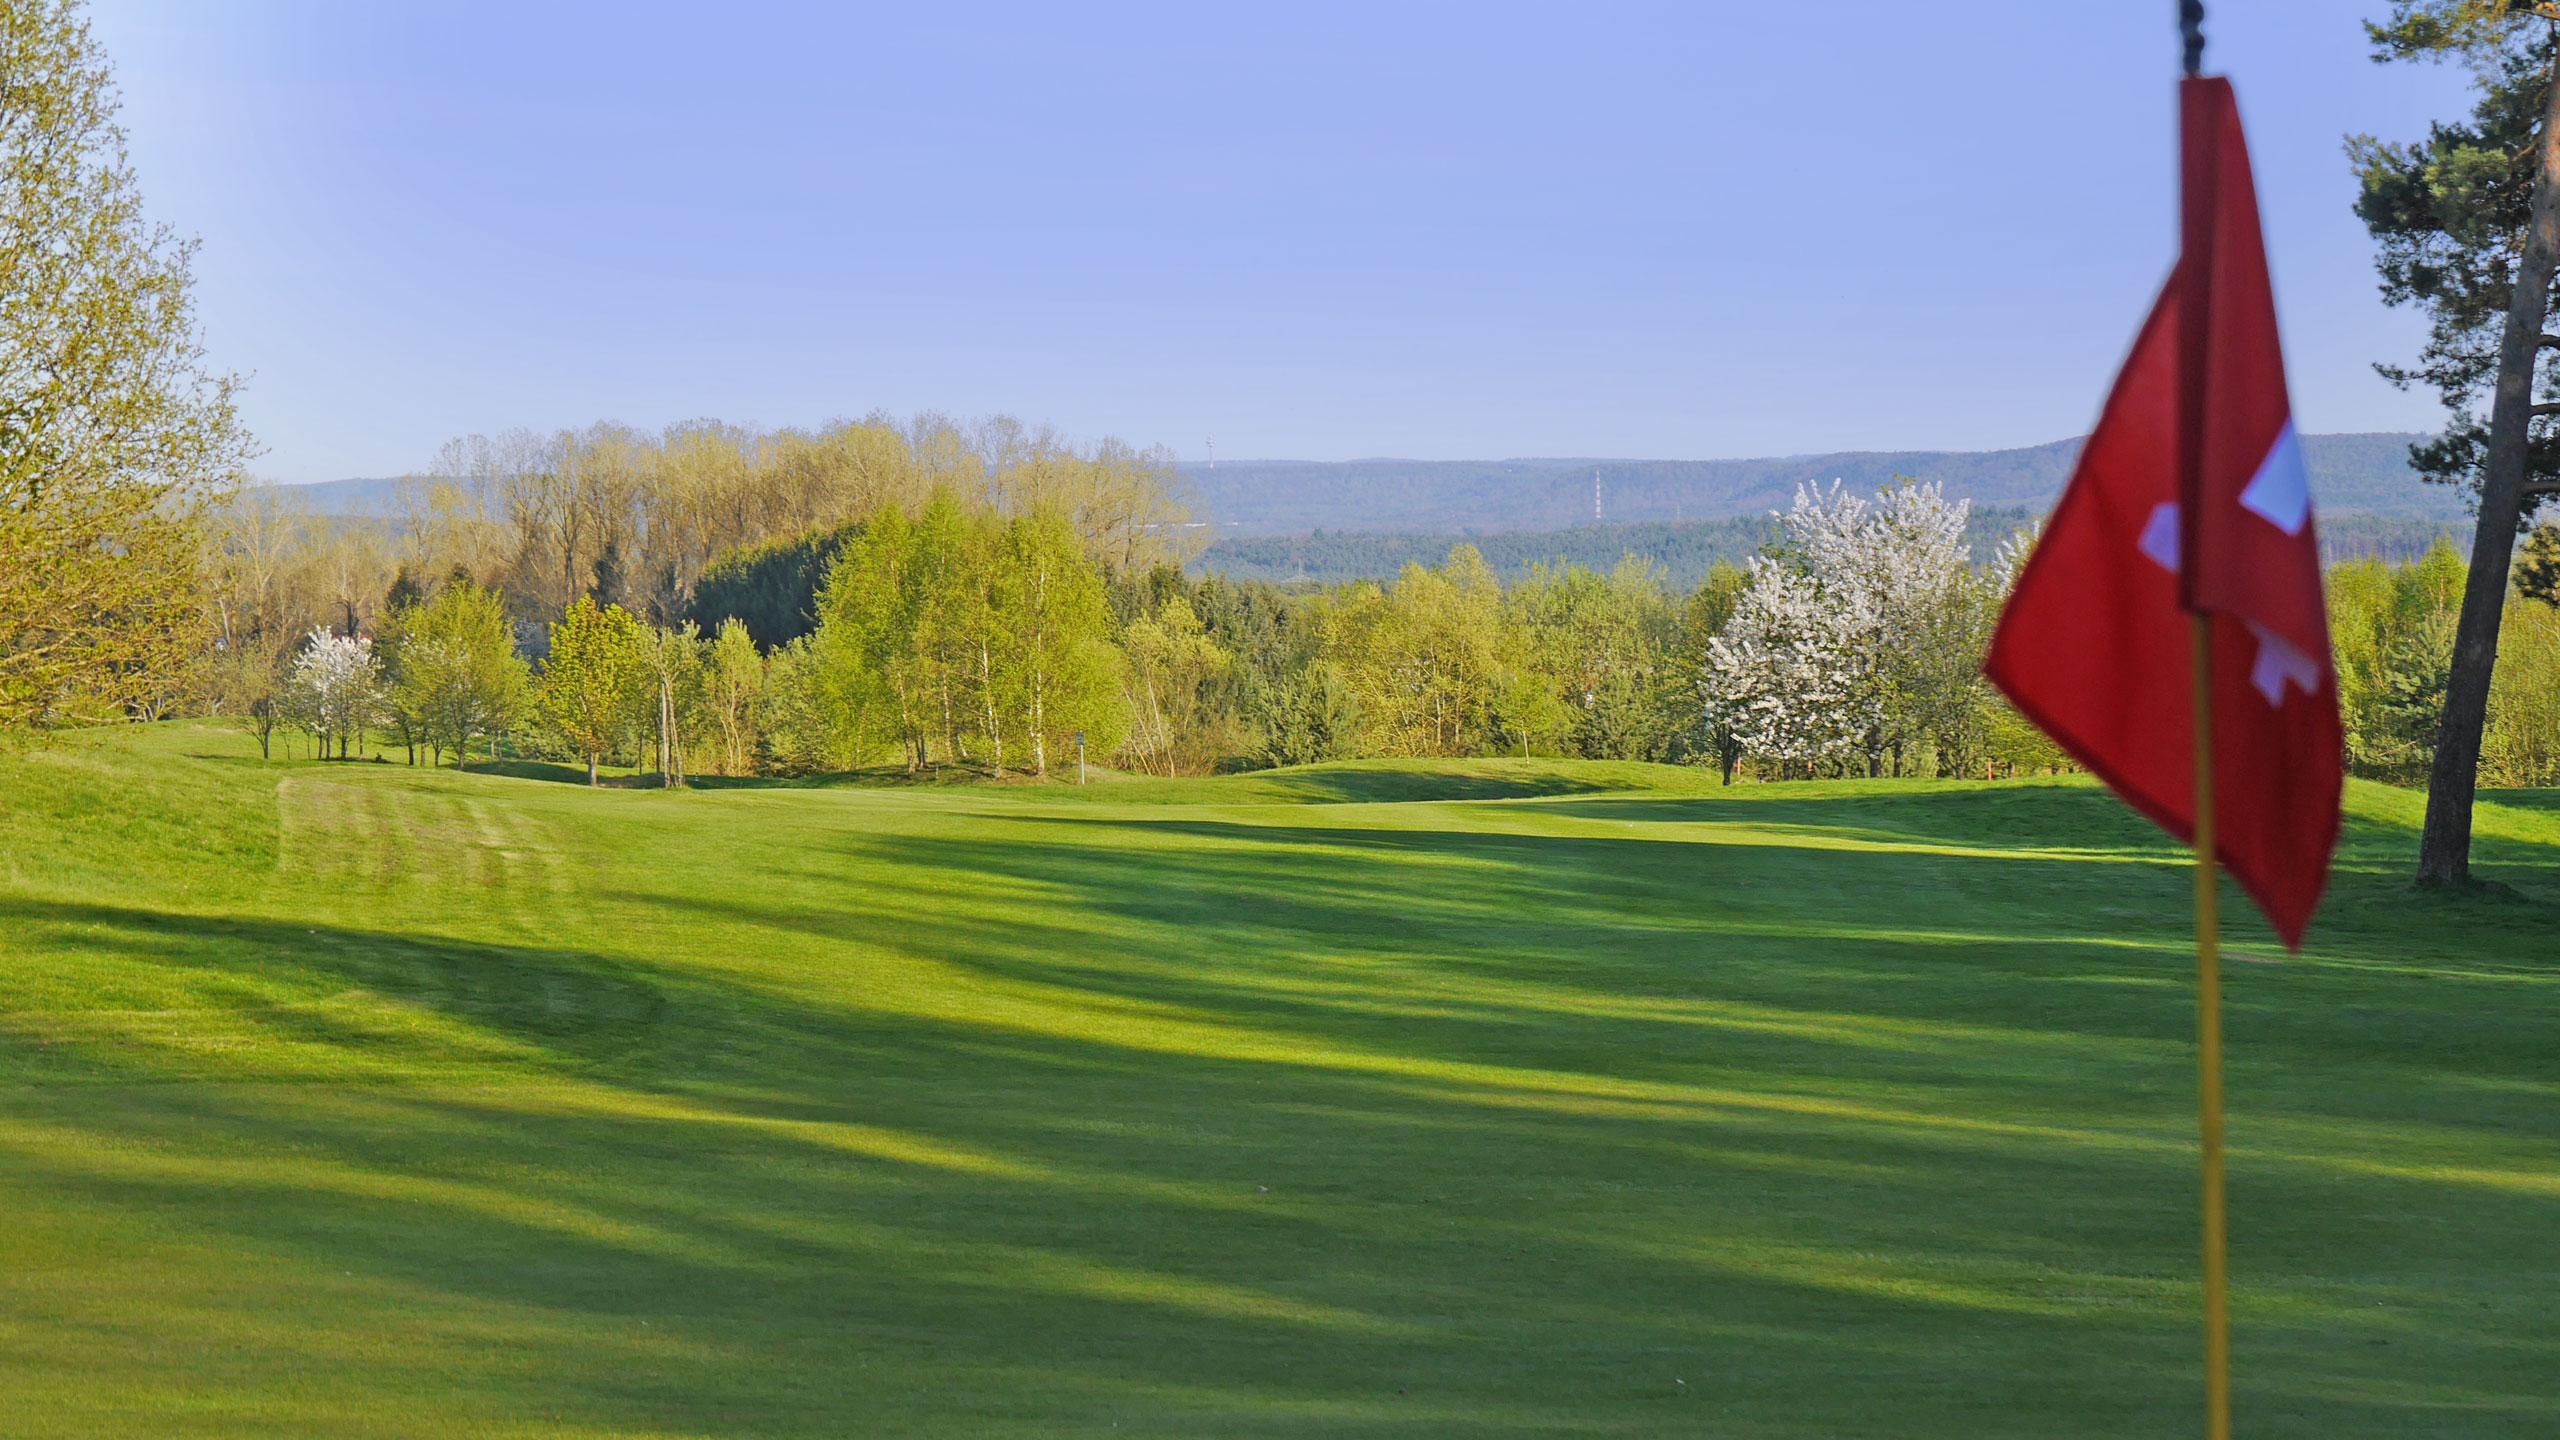 Overview of golf course named Golf Club Barbarossa e.V.